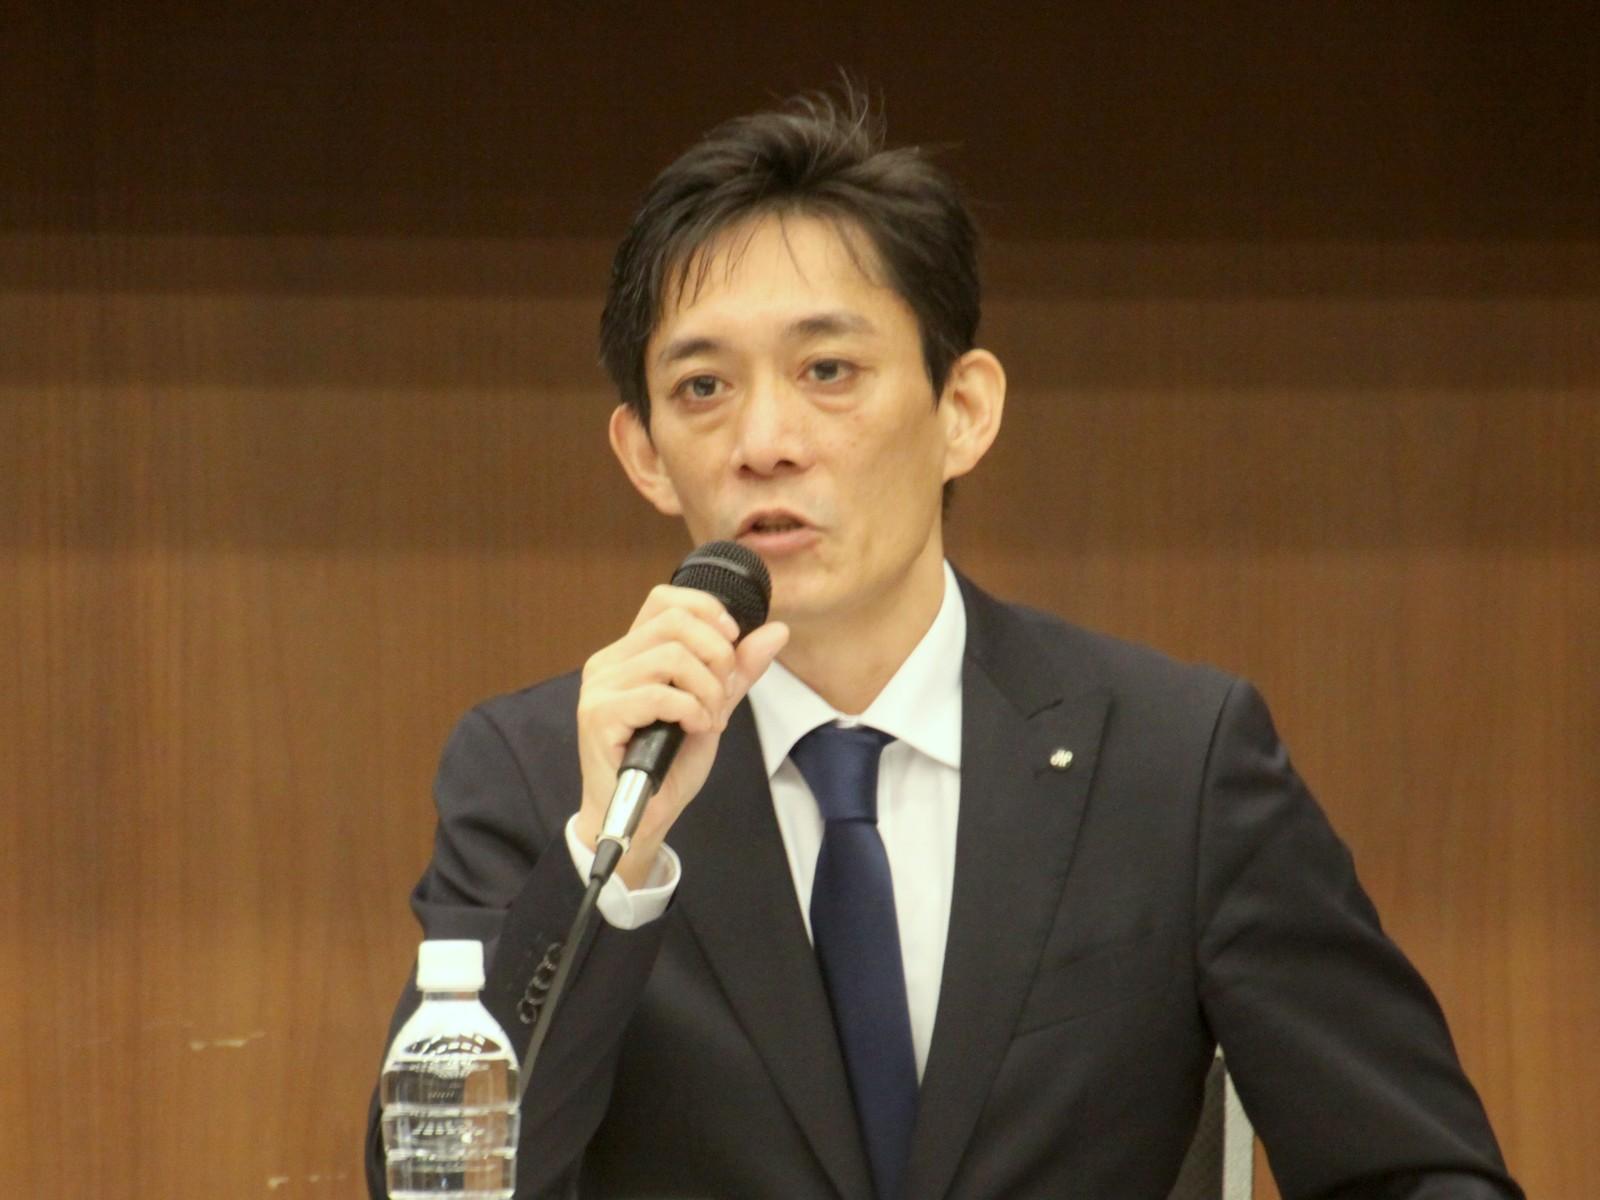 日本電子計算の神尾拓朗部長(公共事業部基盤サービス統括部)